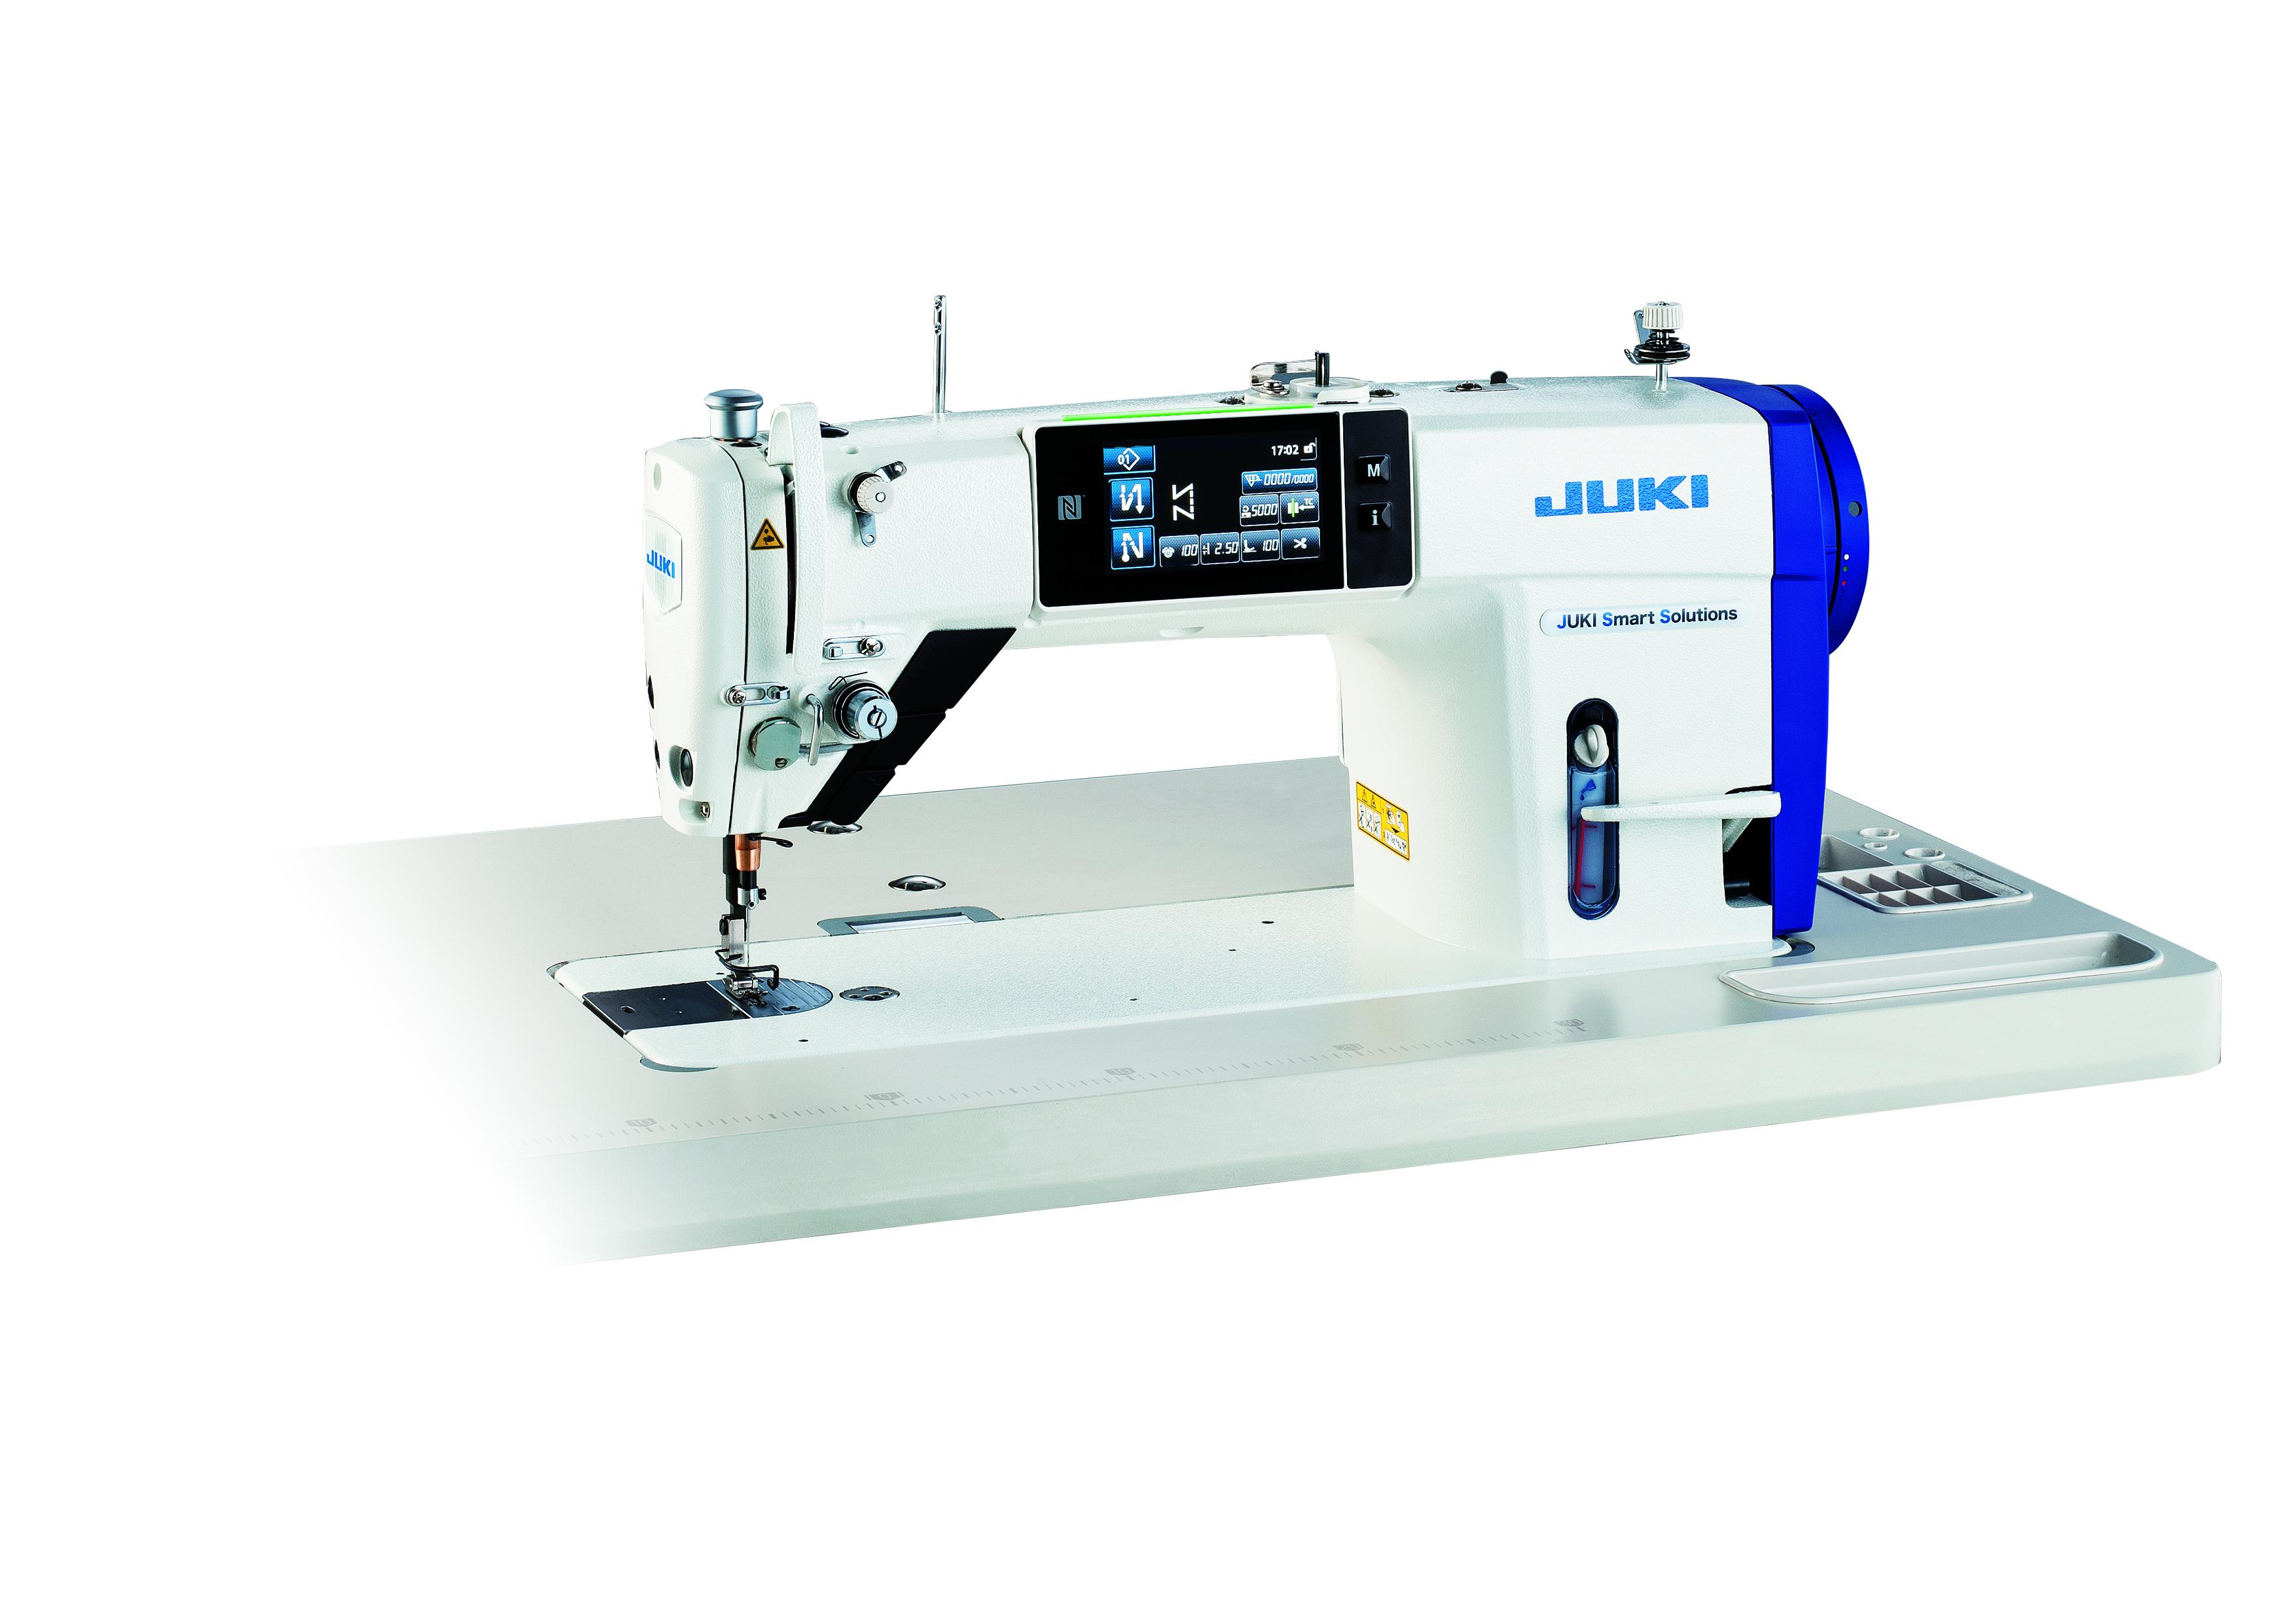 digital sewing